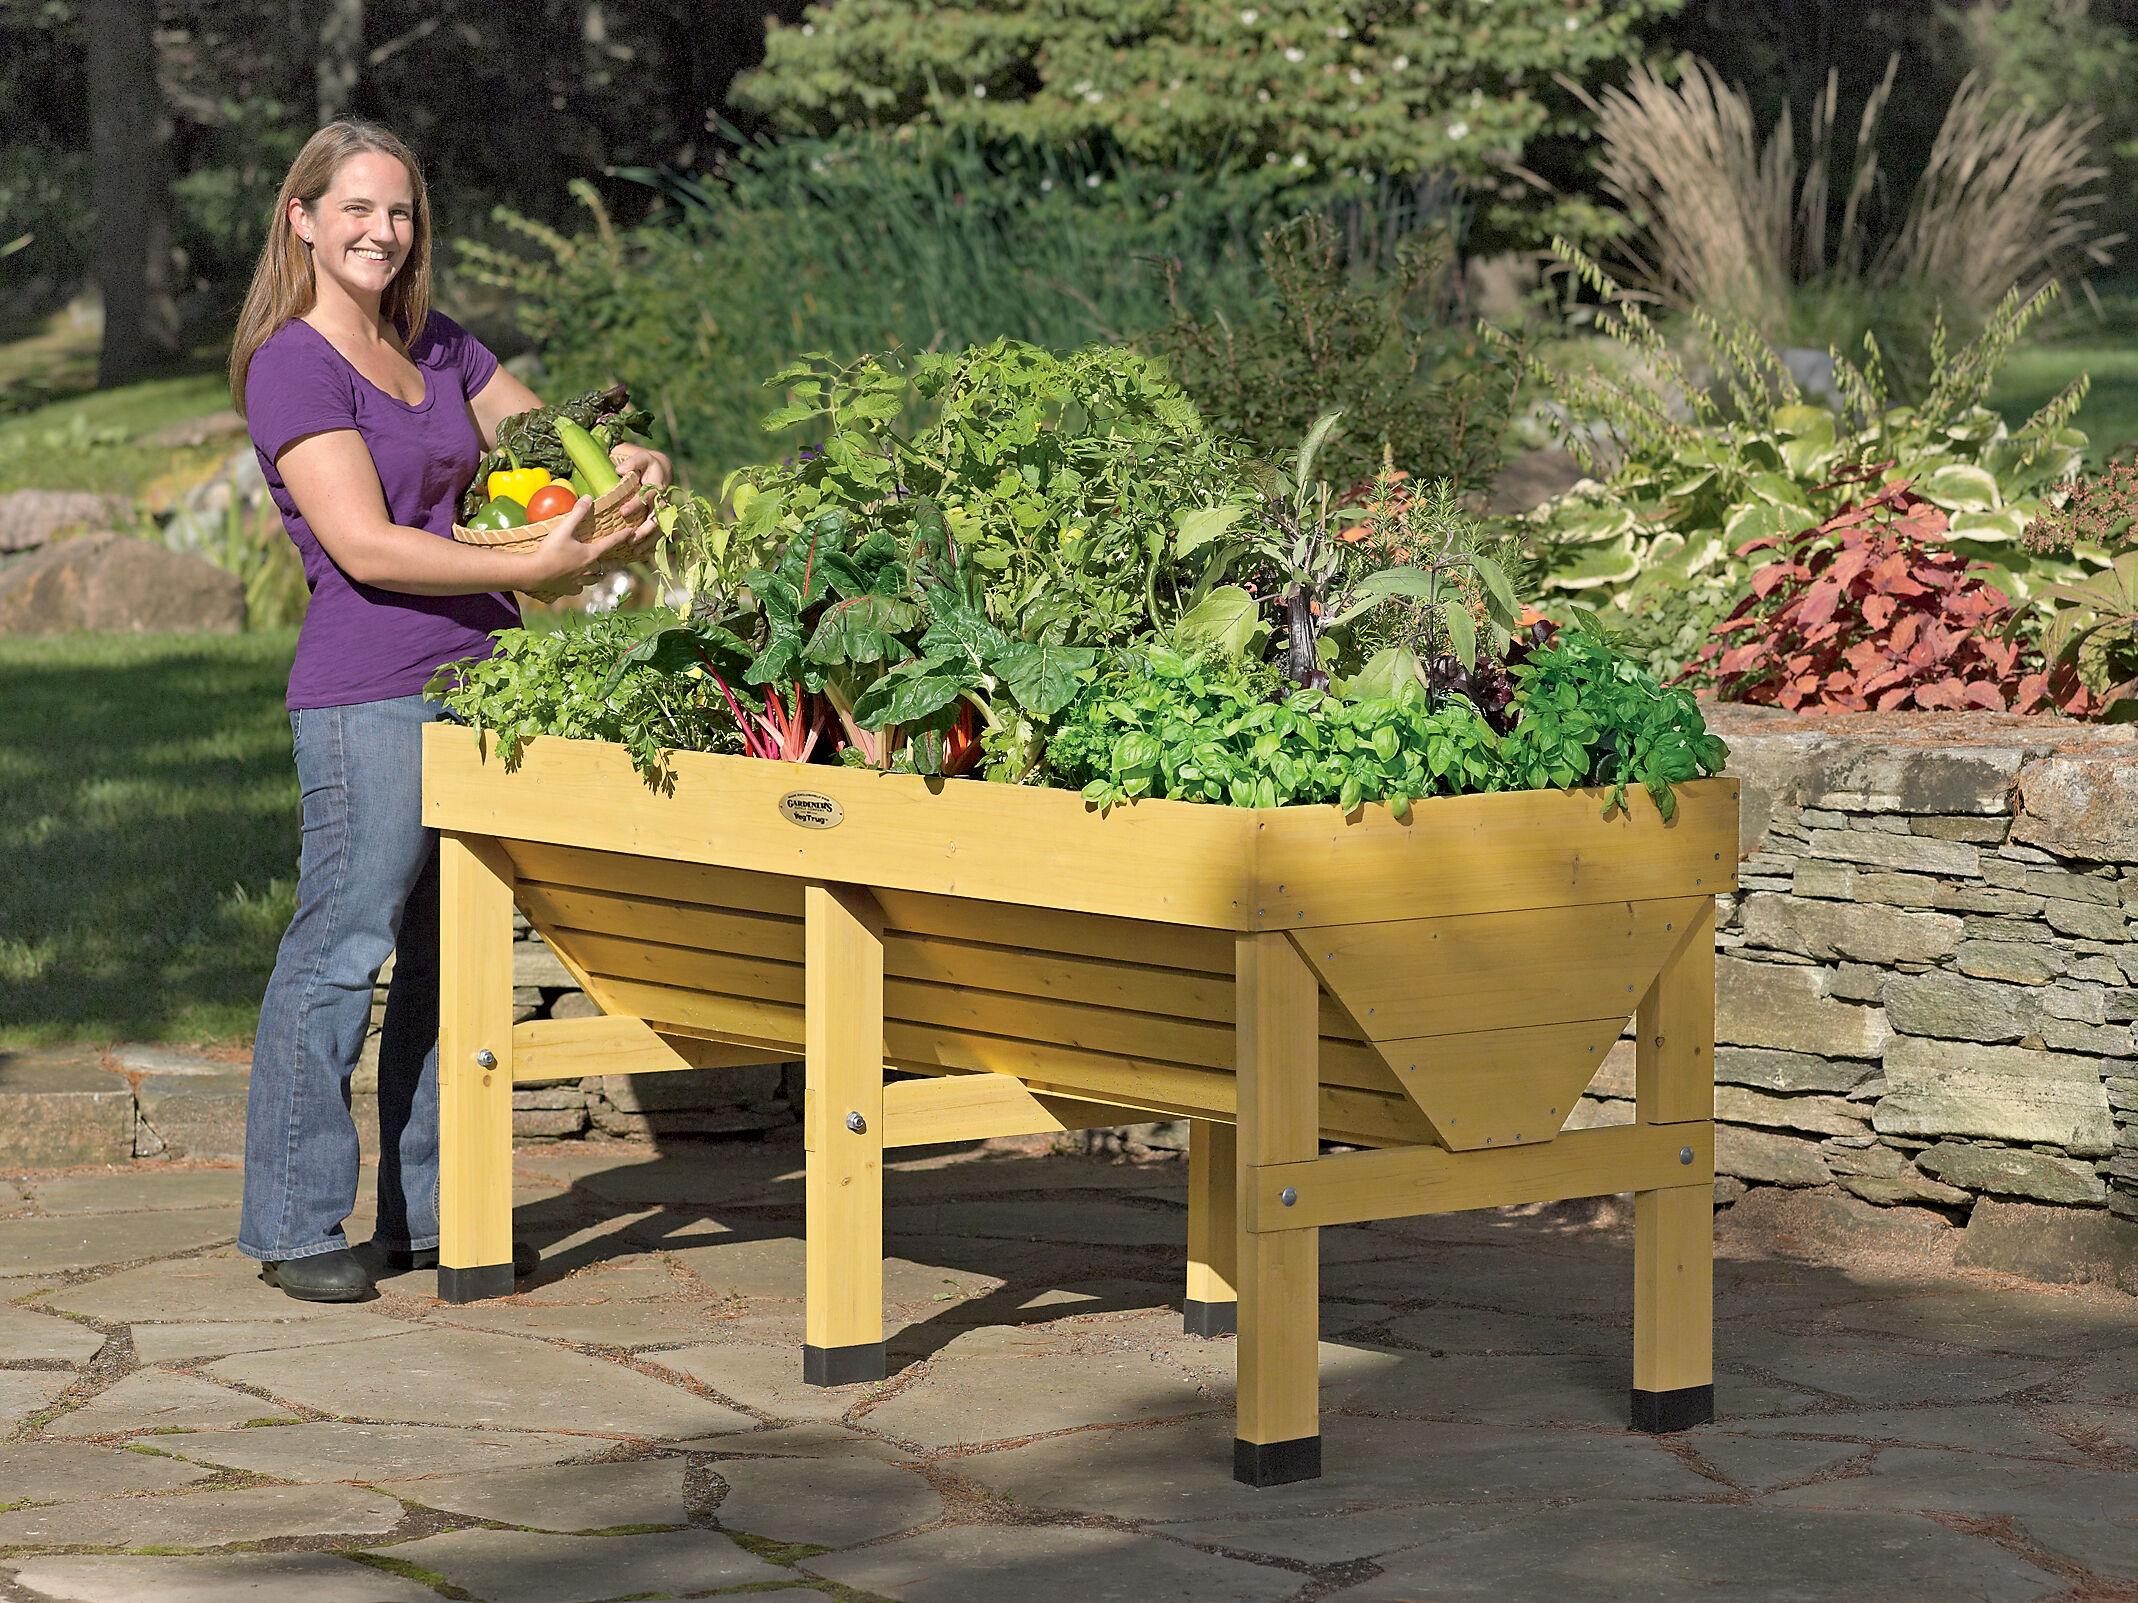 Patio Planters Container Gardens Gardenerscom